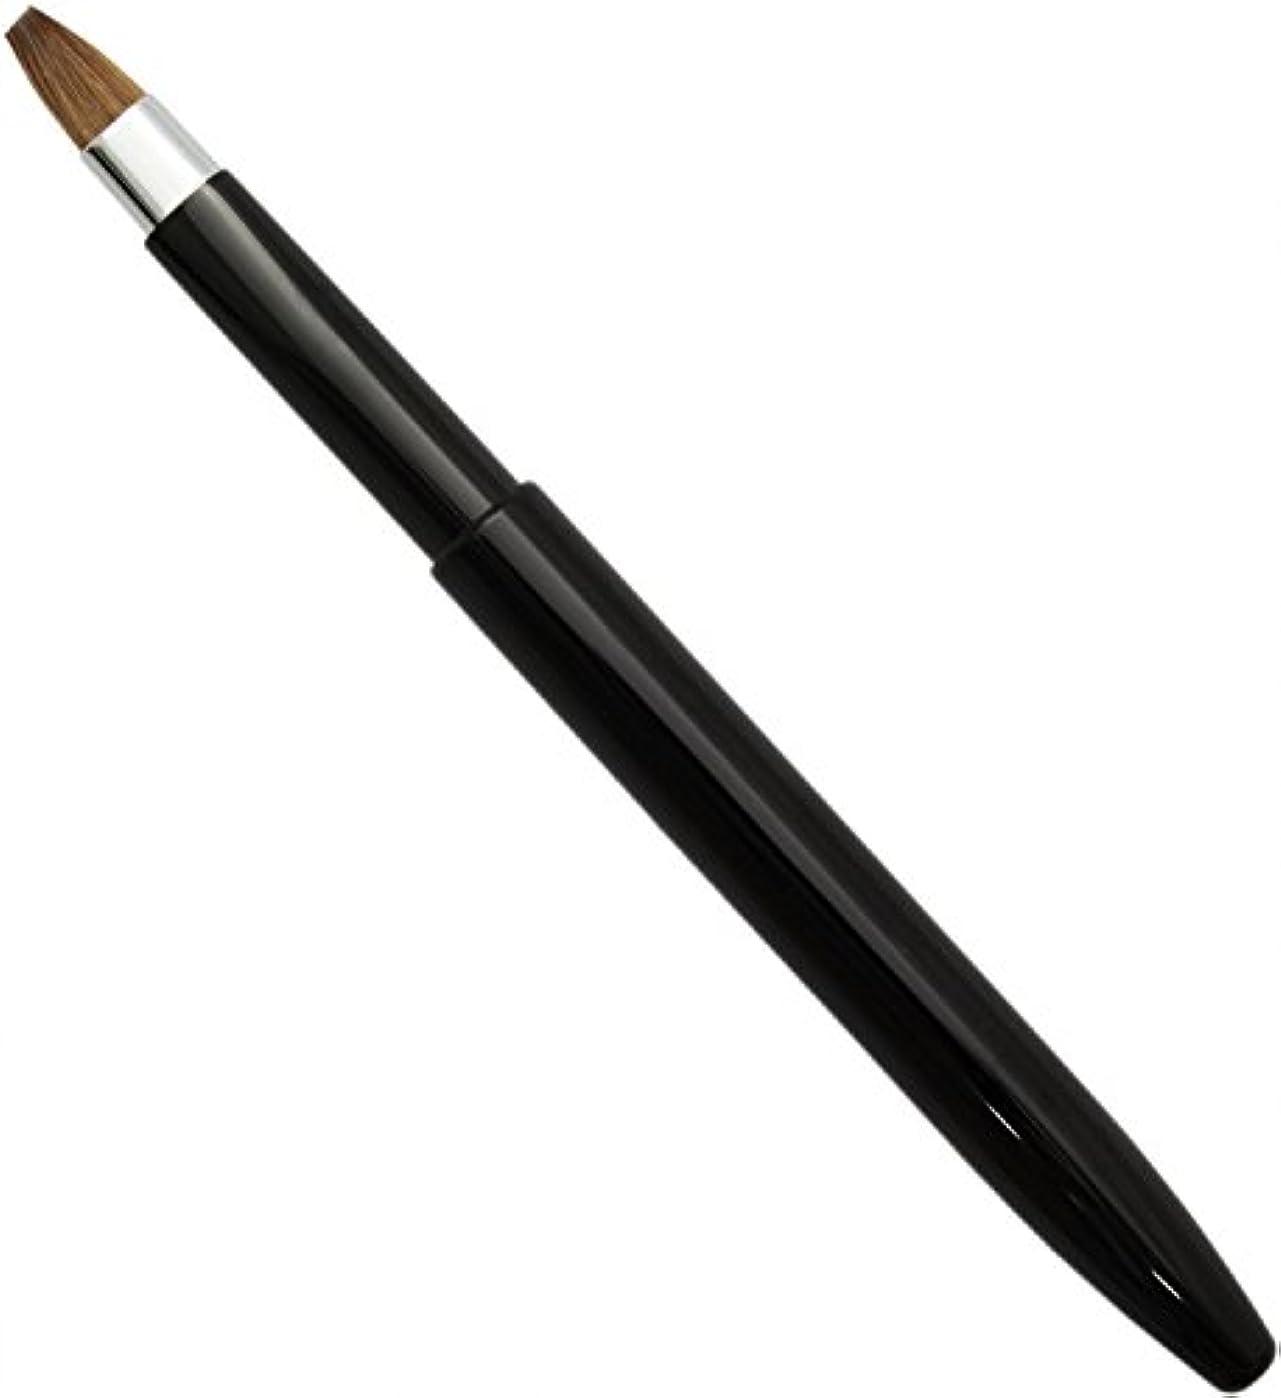 に渡って上陸ラリー熊野筆 メイクブラシ KUシリーズ リップブラシ オート イタチ毛